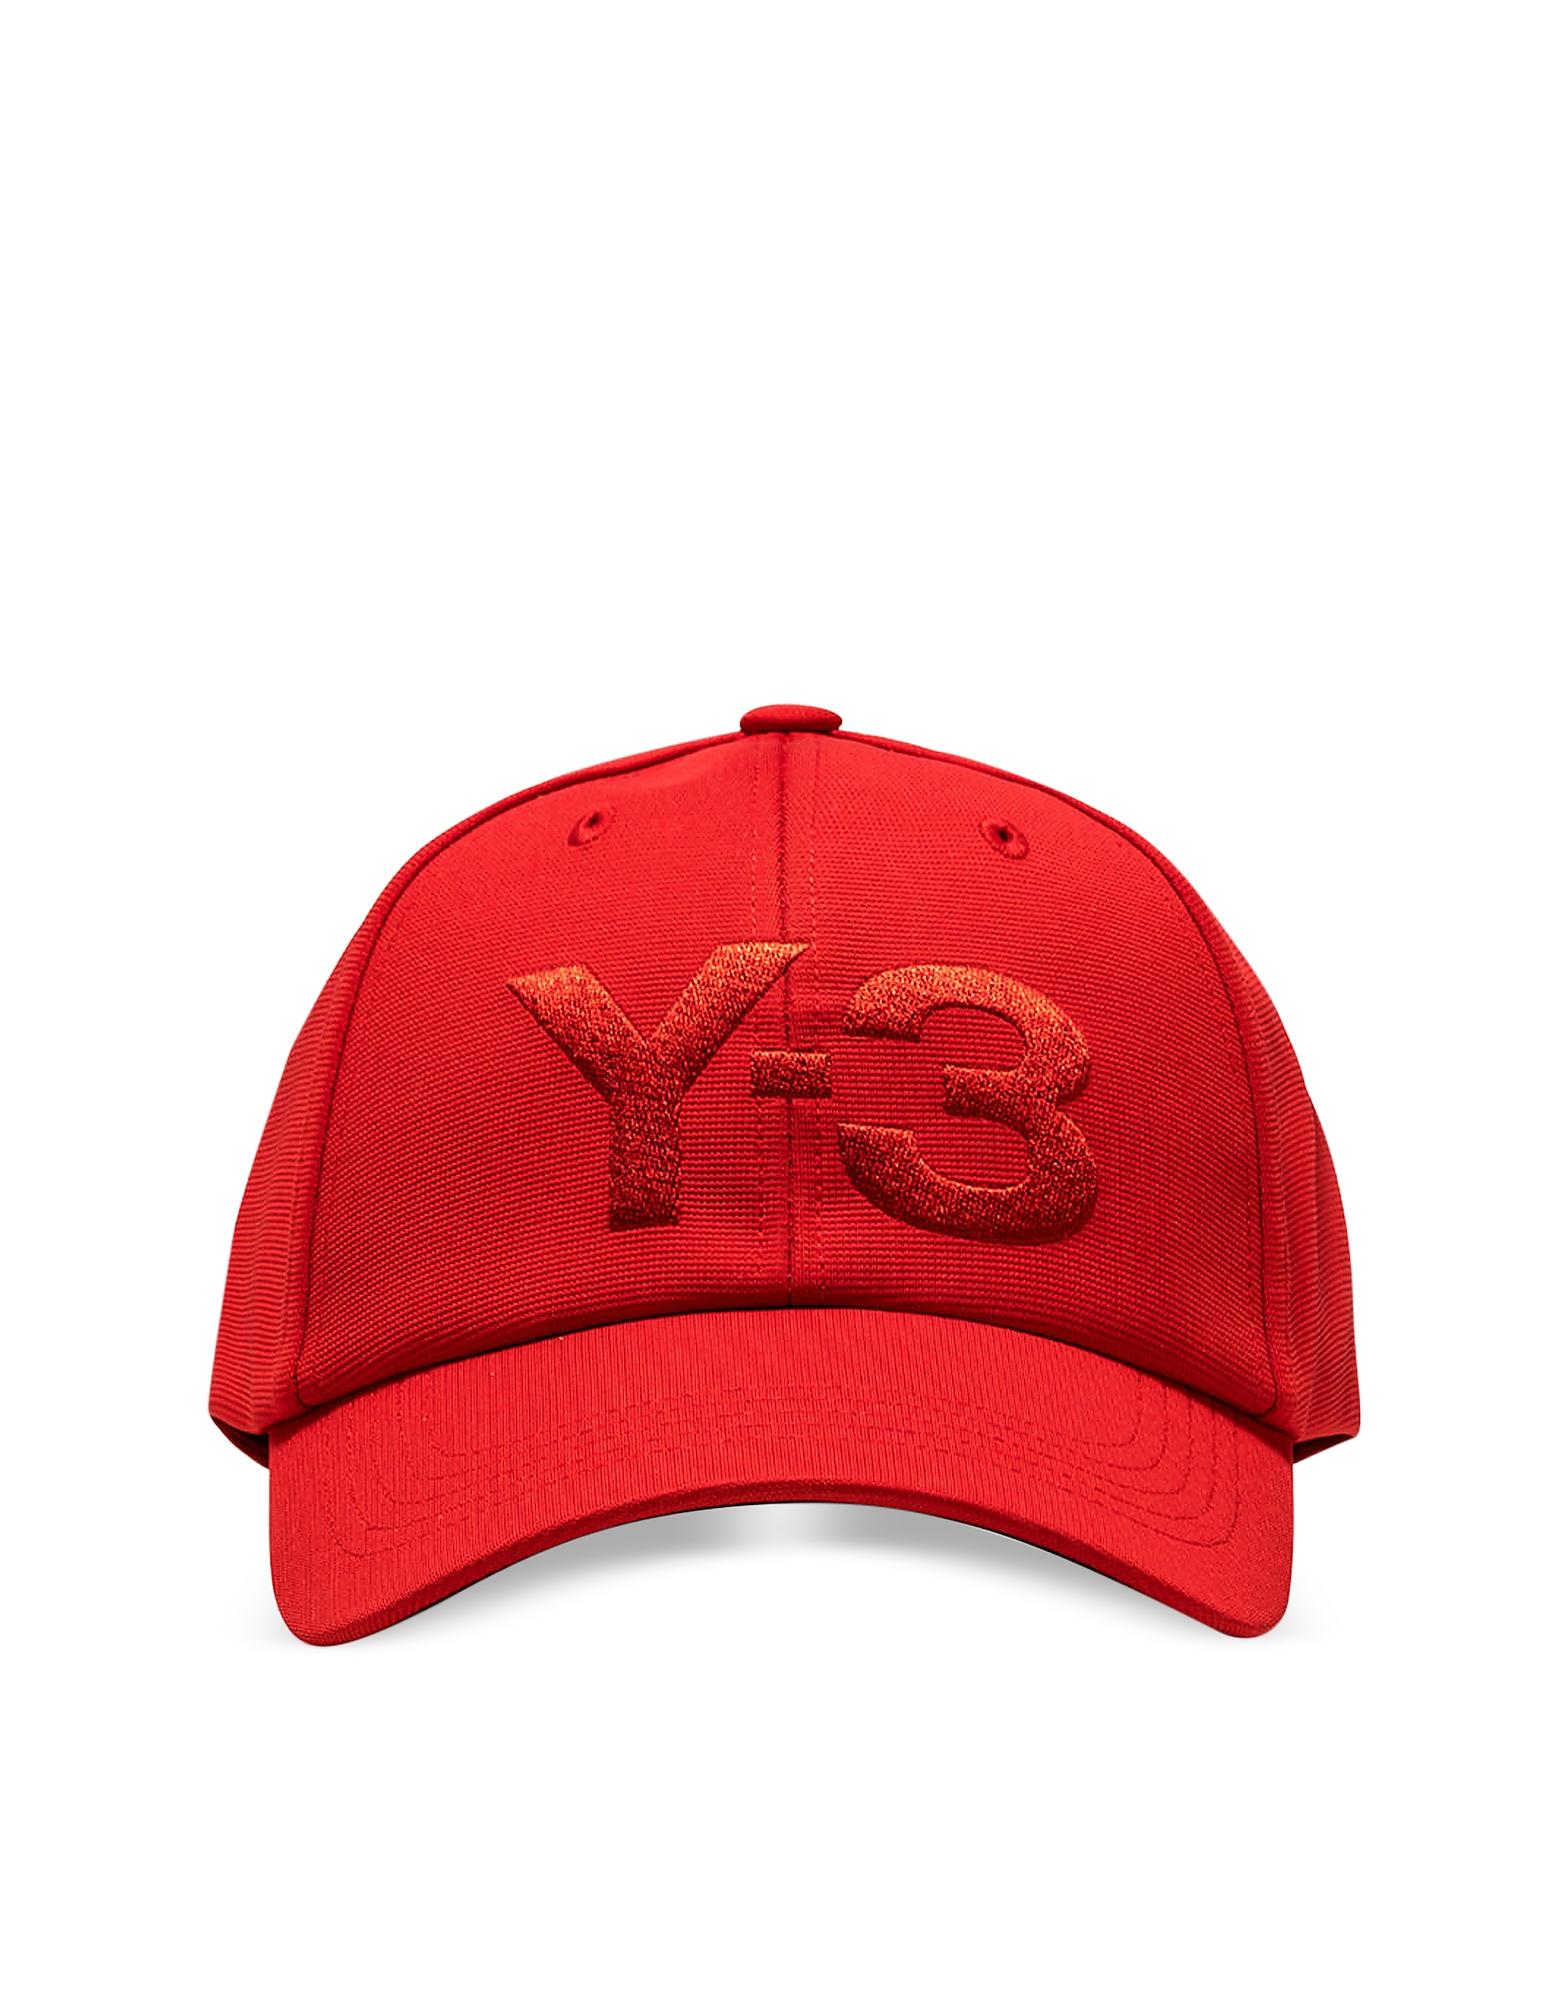 Y-3 Designer Men's Hats, Yohred Y-3 Logo Cap